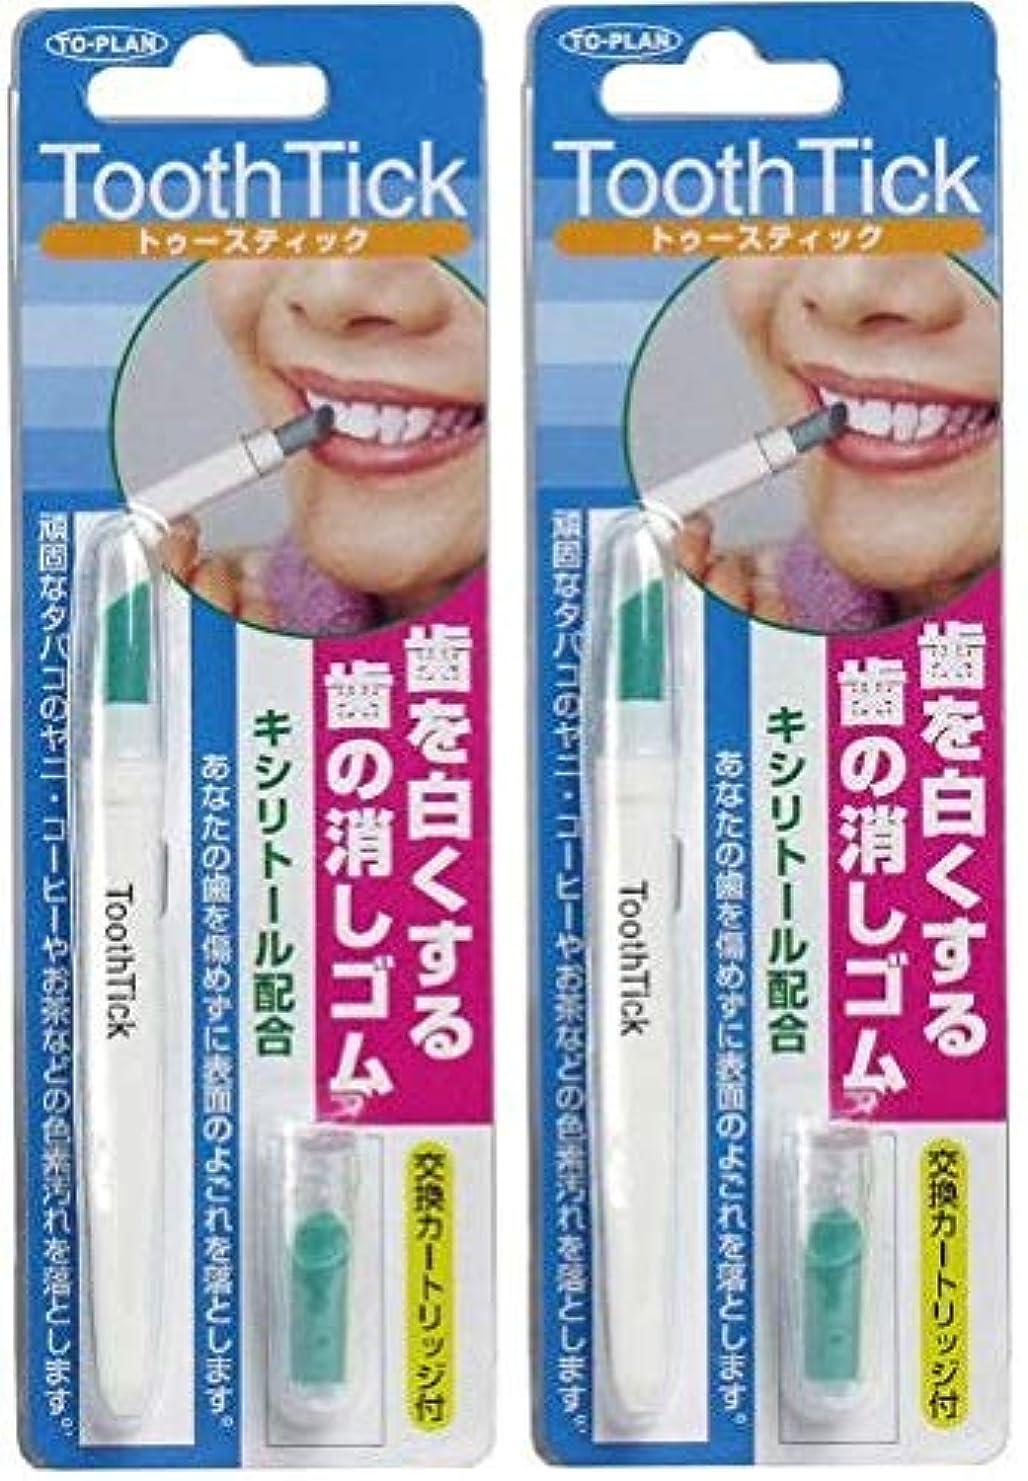 シーフード普通の池歯を白くする歯の消しゴム トゥースティック 交換カートリッジ付 2個セット